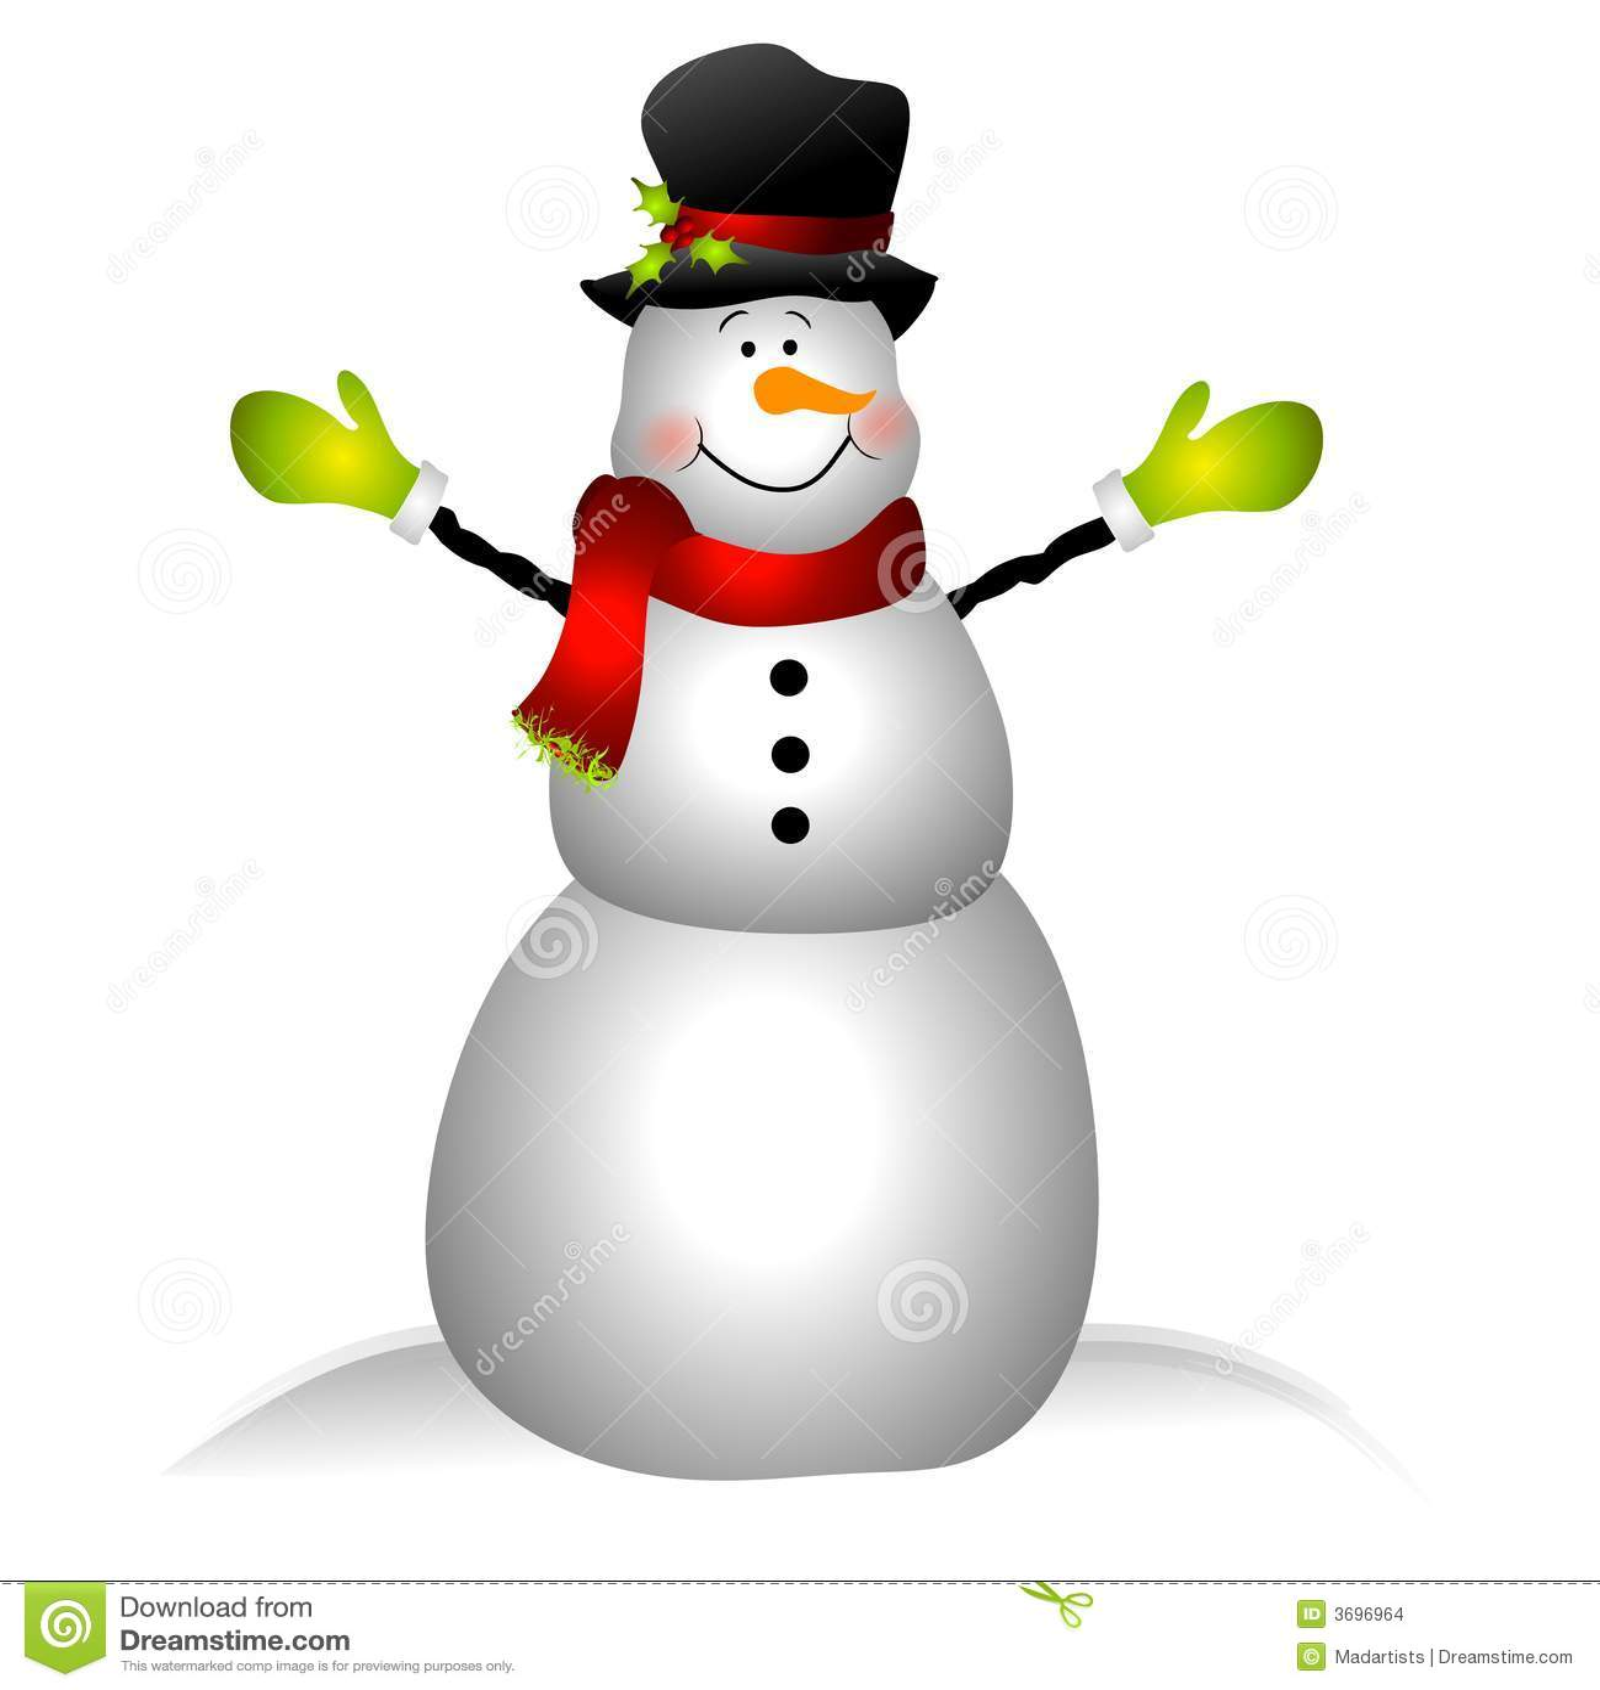 clipart images graphiques de sourire de bonhomme de neige d 39 isolement illustration stock. Black Bedroom Furniture Sets. Home Design Ideas